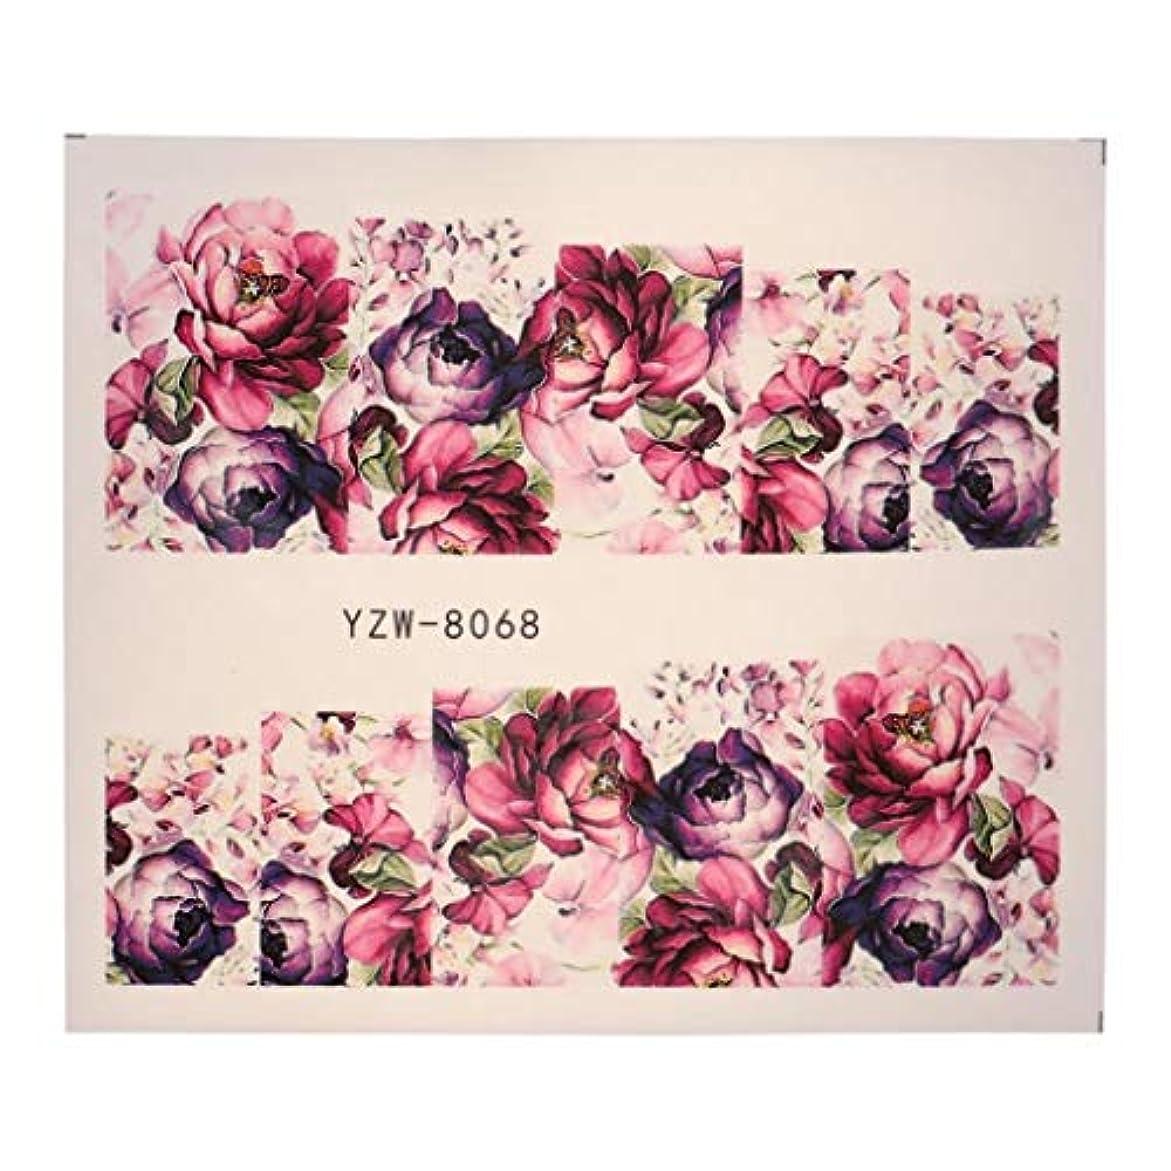 ログむちゃくちゃポケットOU-Kunmlef 賞賛される韓国の純粋な花の釘ステッカー防水と環境保護(None Picture Color)